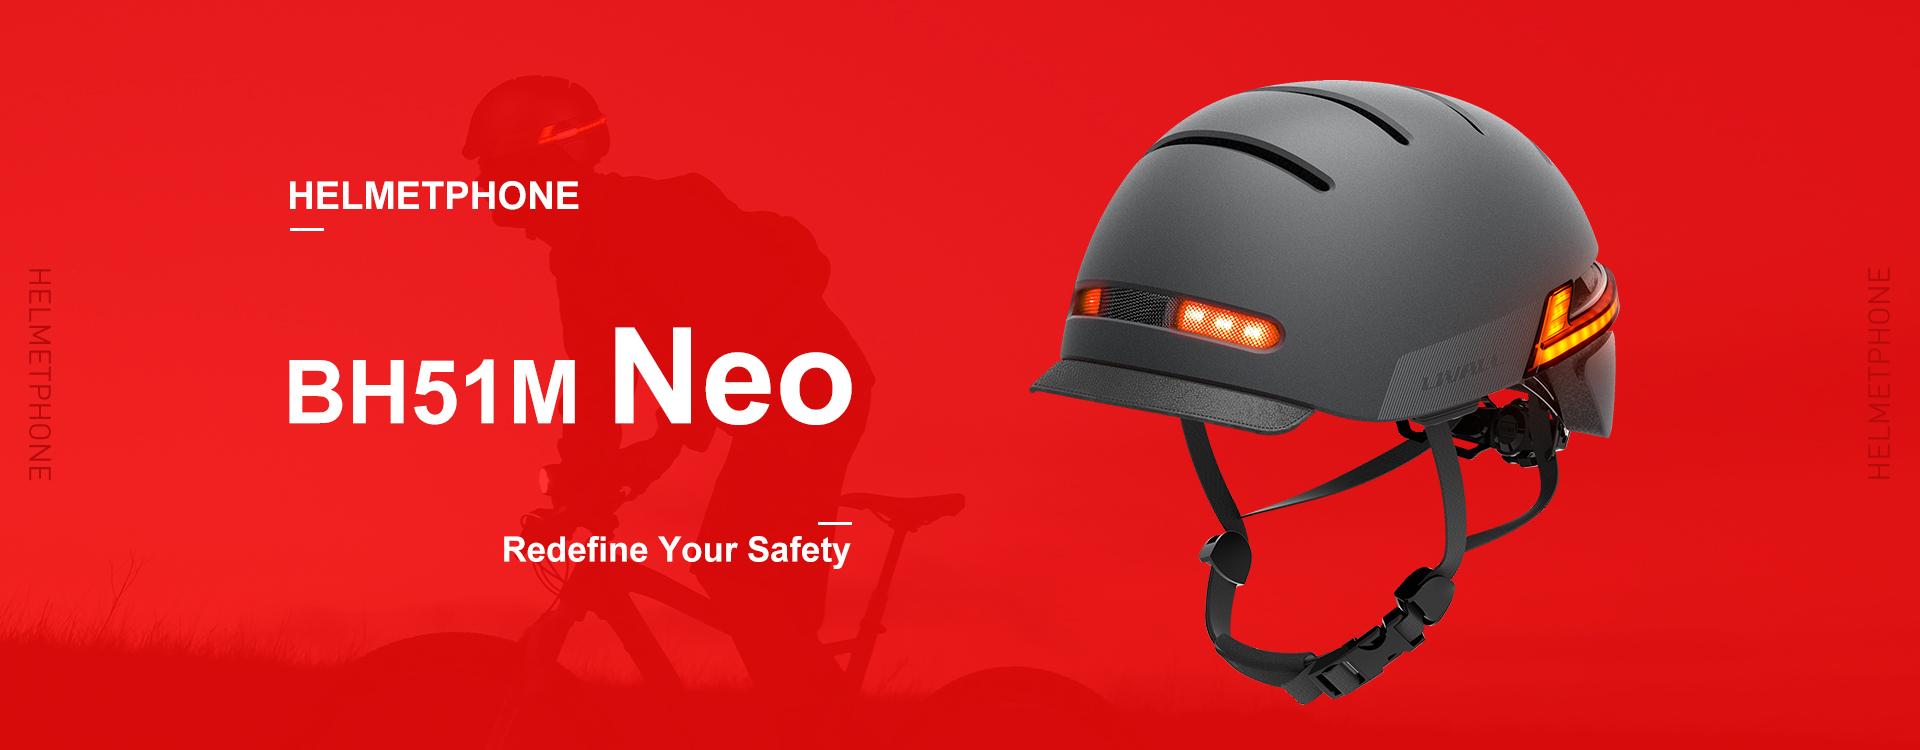 4f913e51703b2 LIVALL-Smart Helmet - Bike Helmet